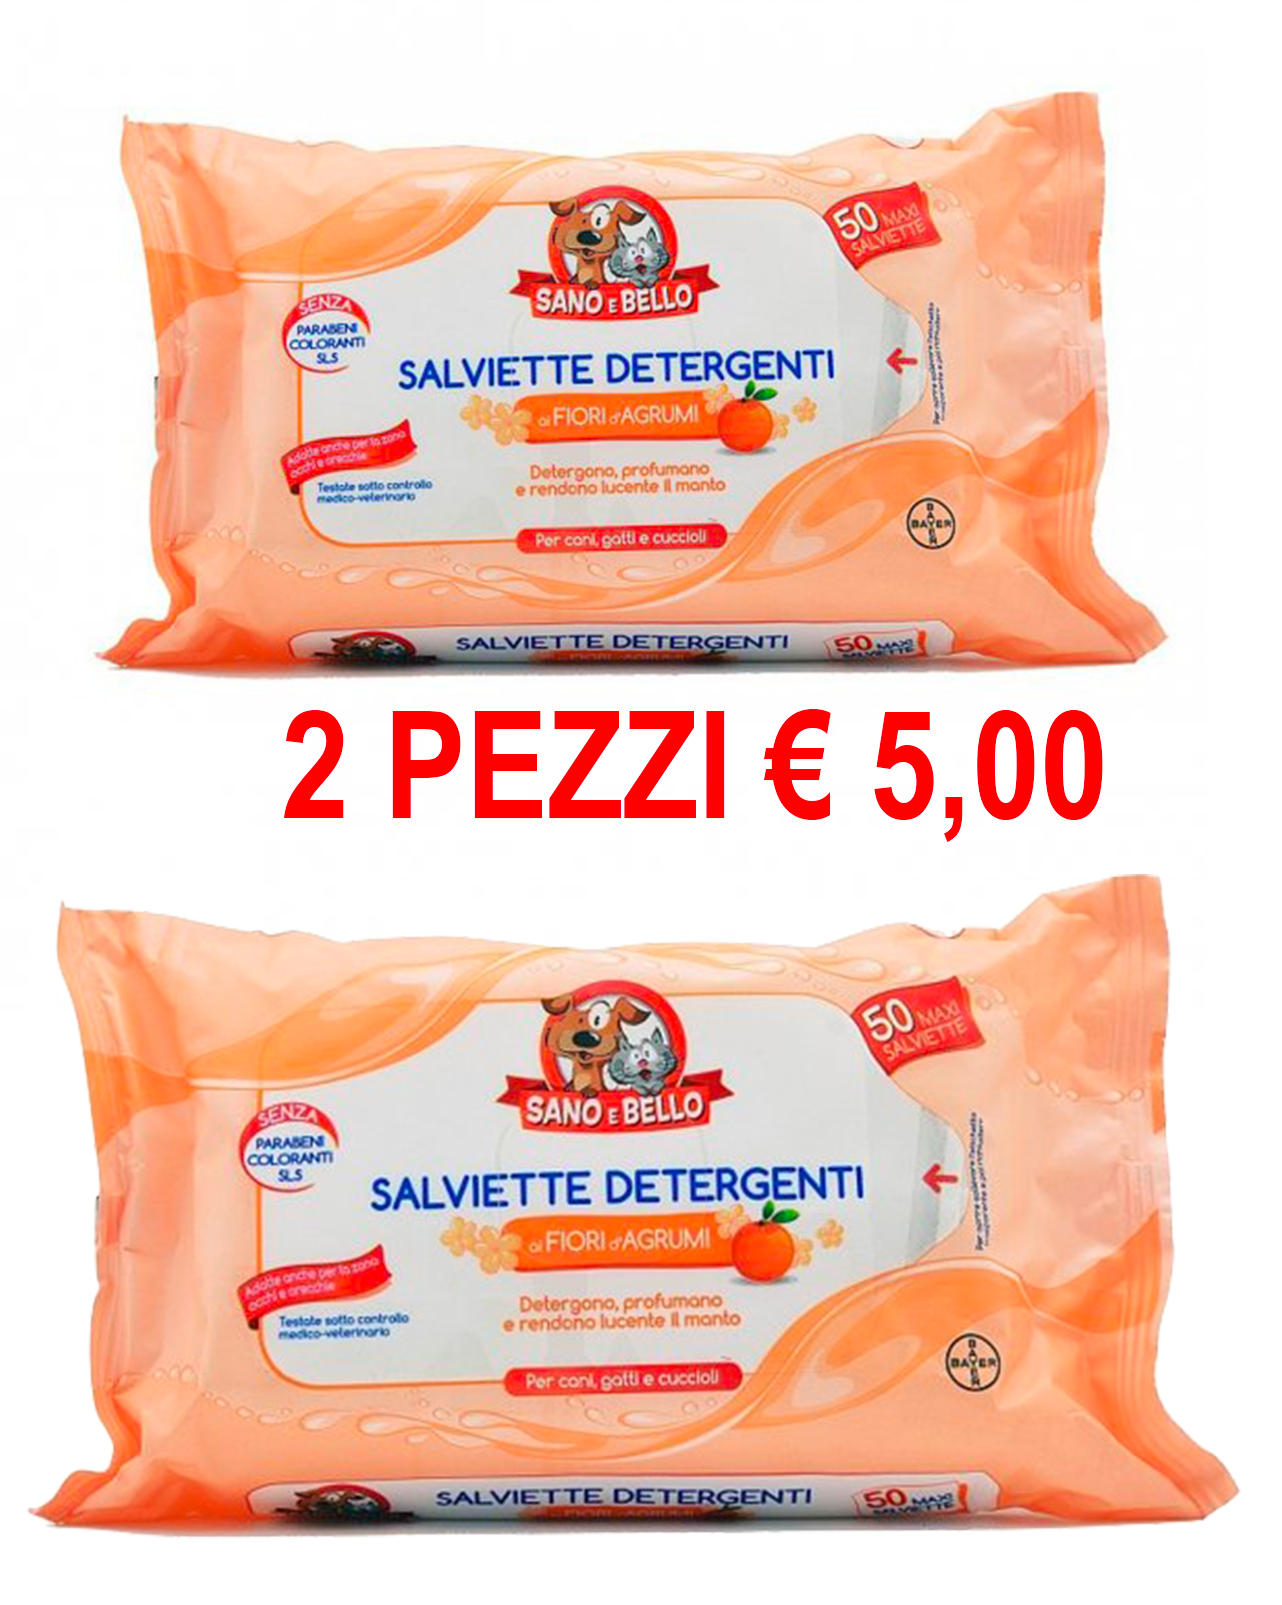 BAYER Salviette Detergenti ai Fiori d'Agrumi 50 PEZZI